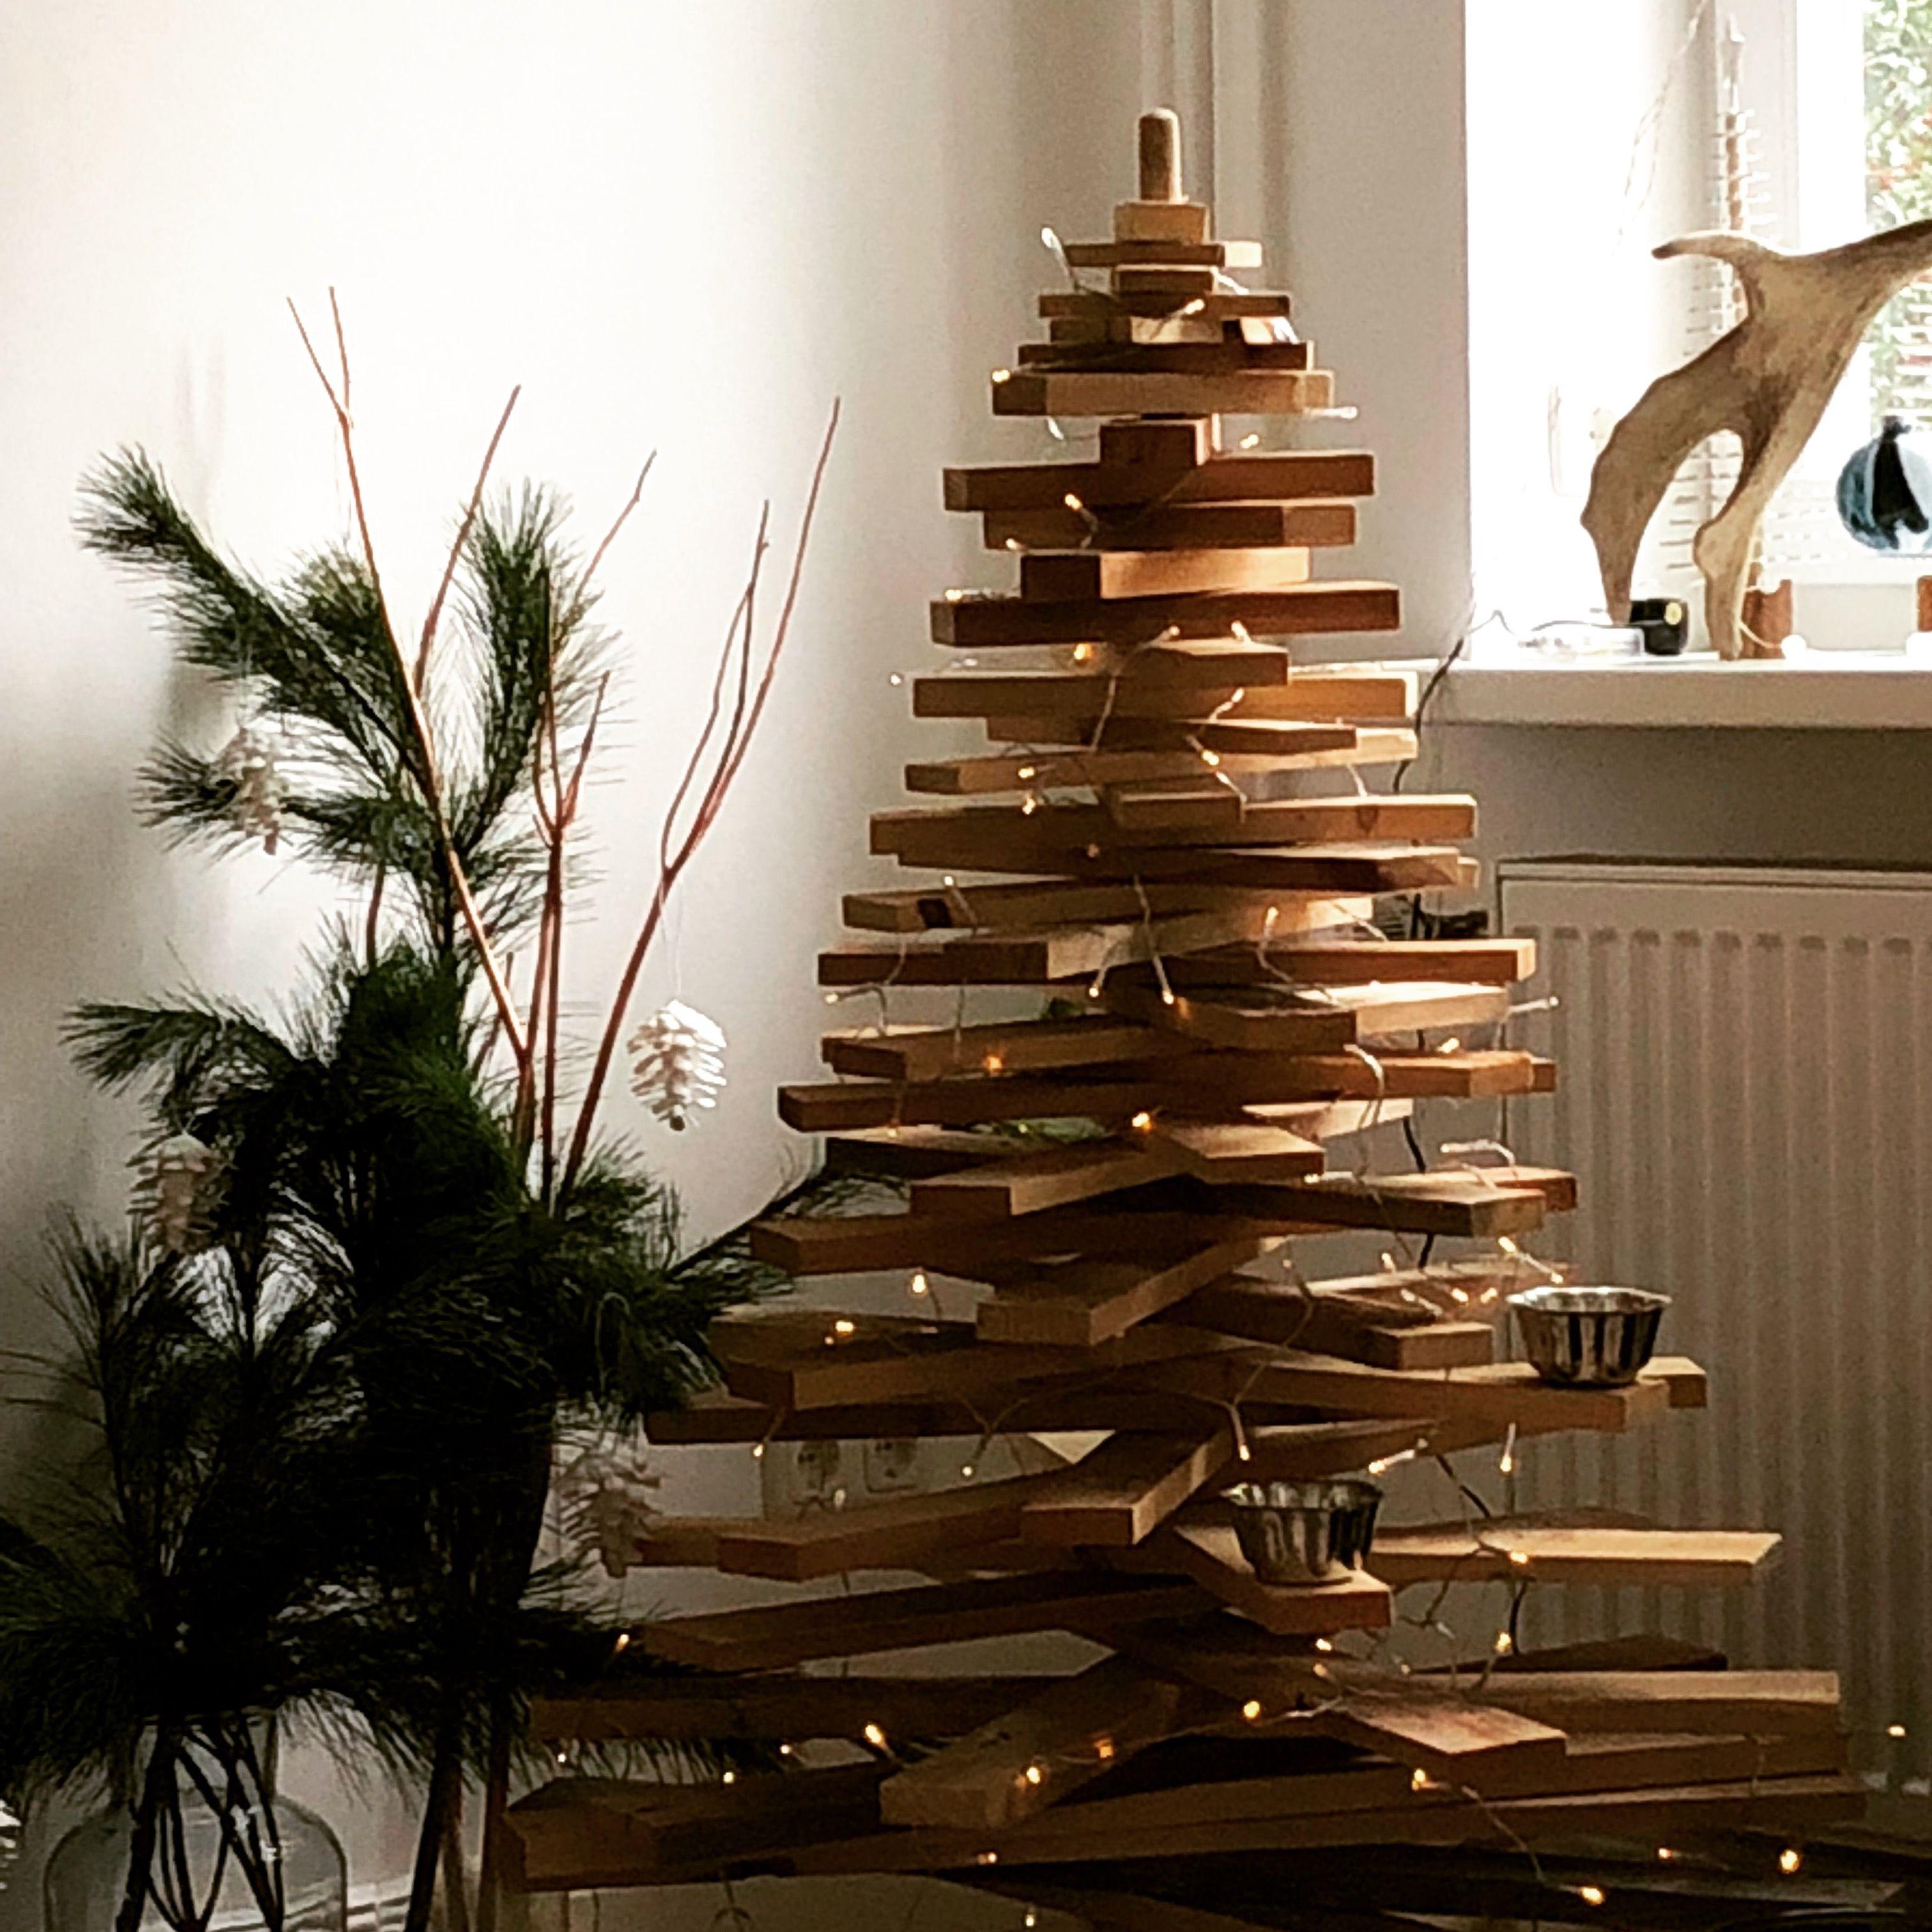 holzbaum zu weihnachten christmastree decoration. Black Bedroom Furniture Sets. Home Design Ideas